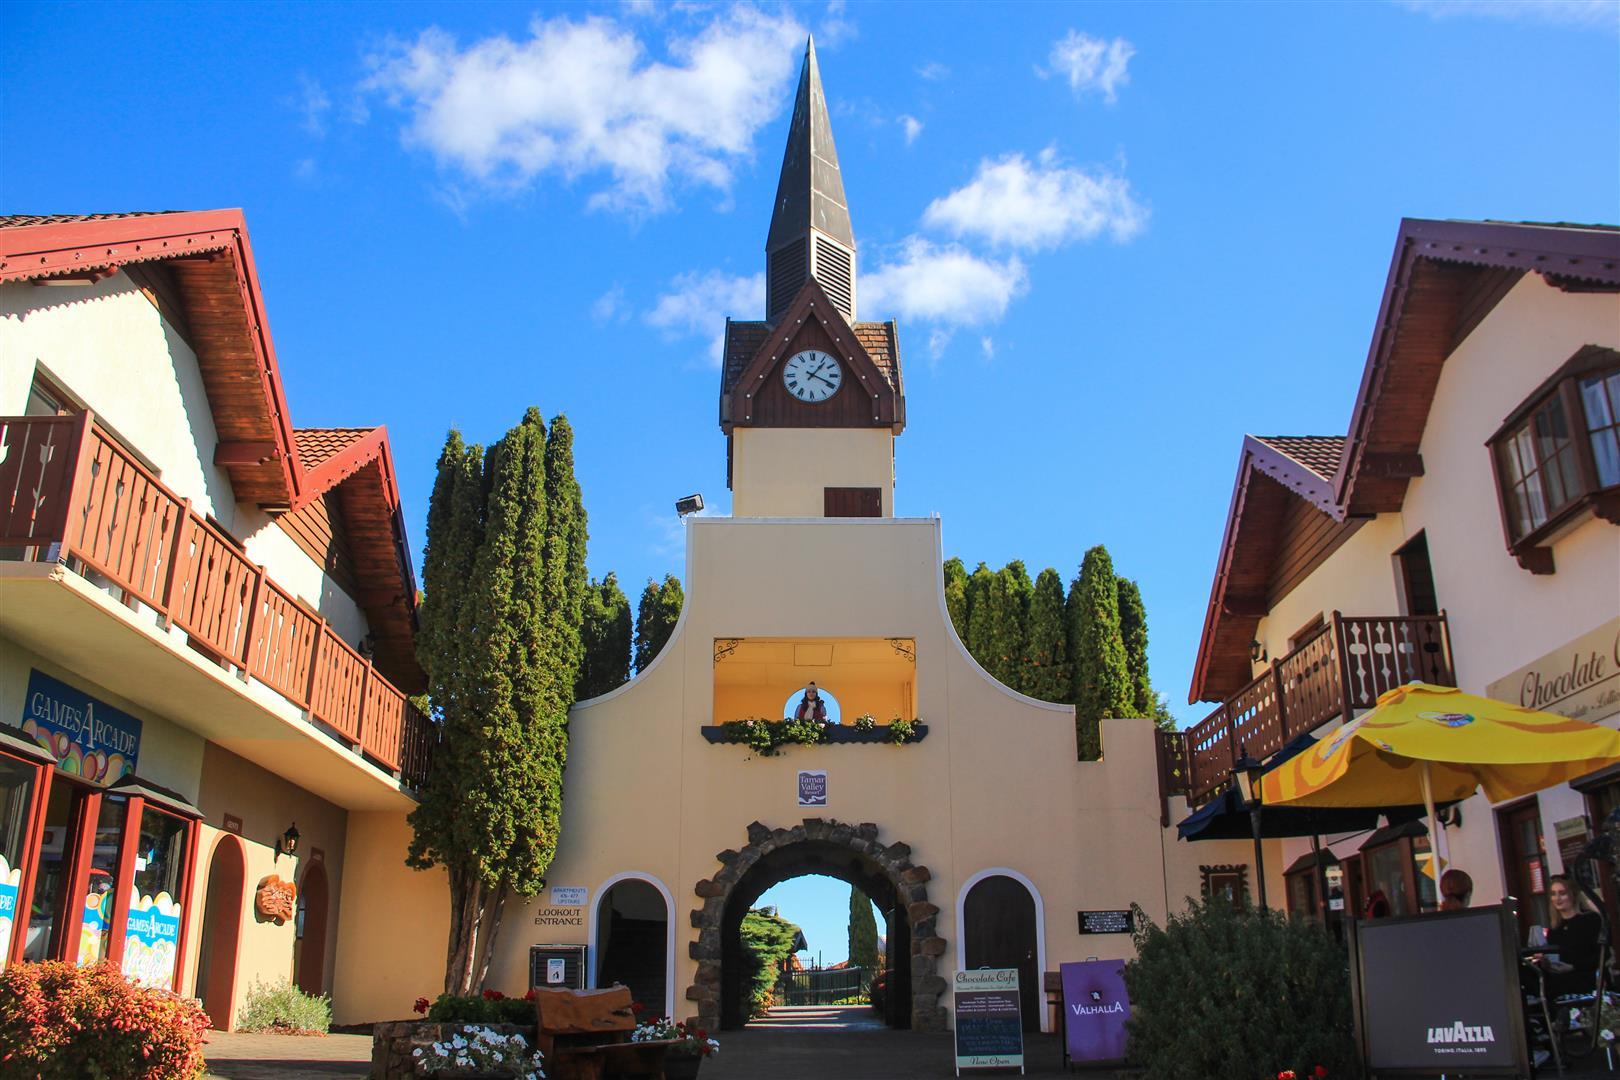 vila suiça prédios típicos